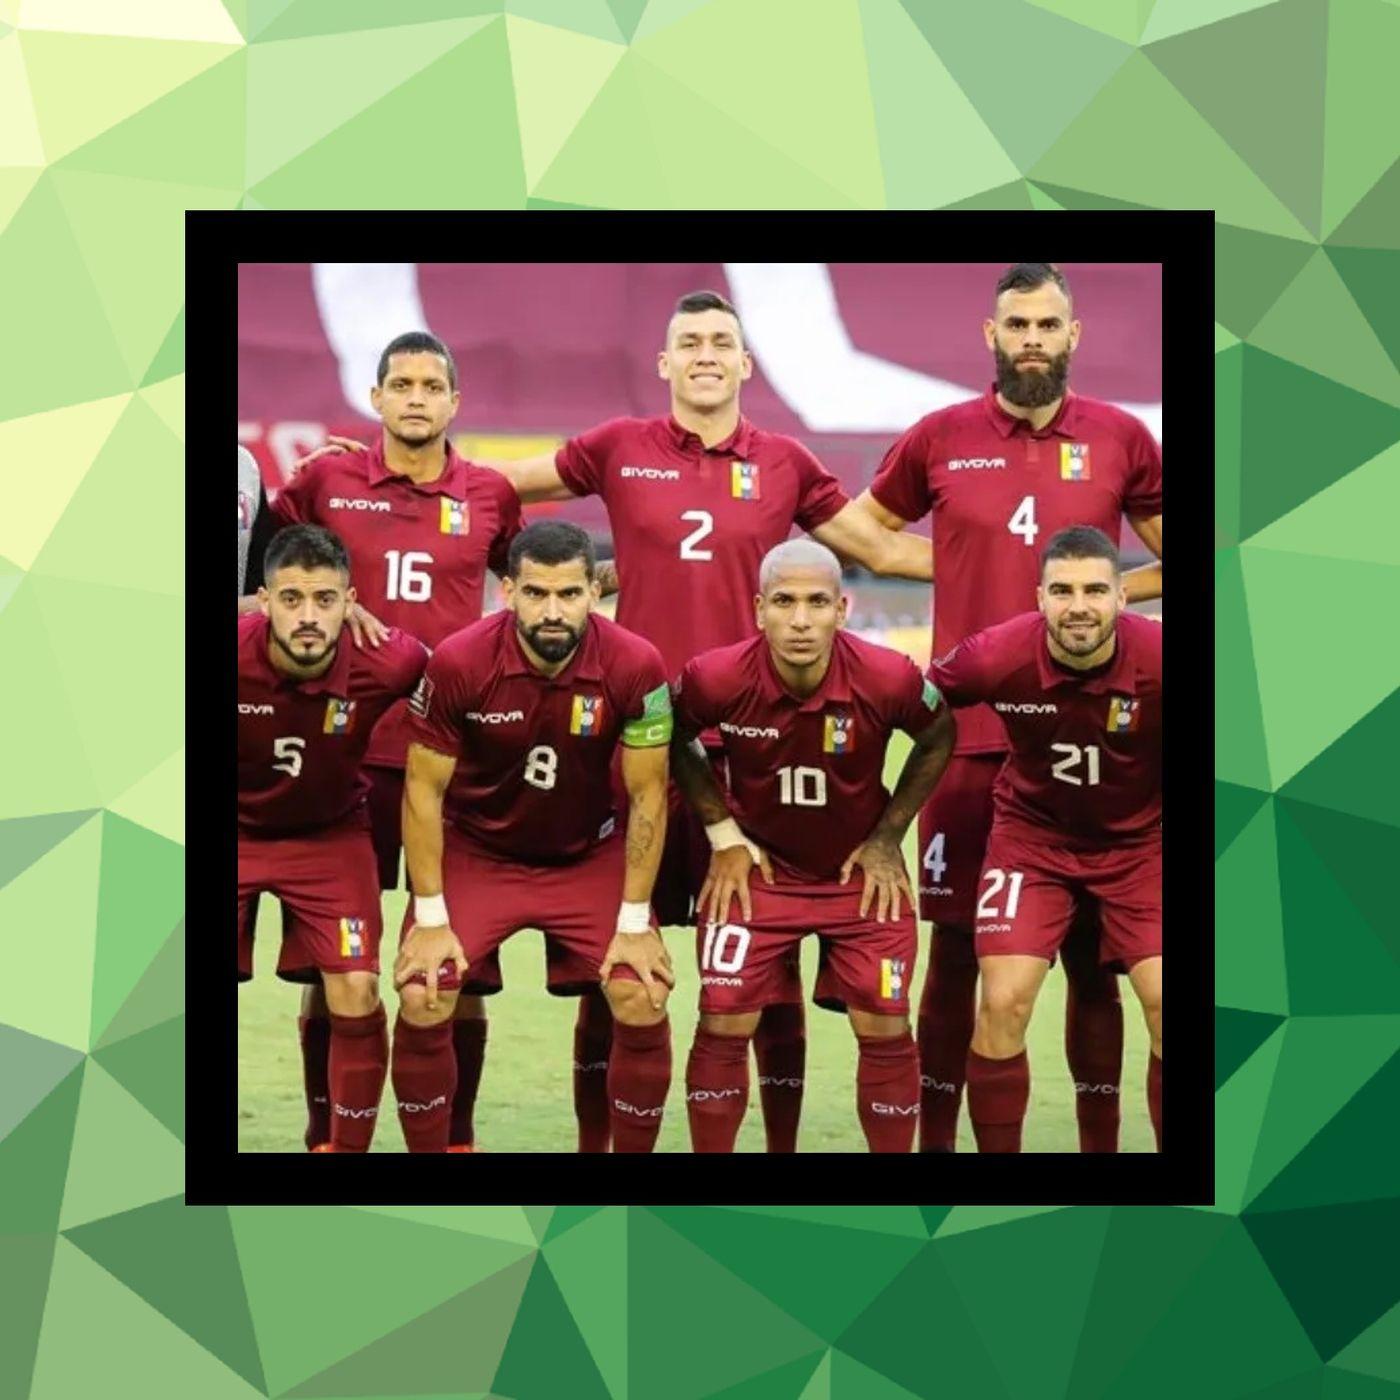 117 - El color de las camisetas de fútbol